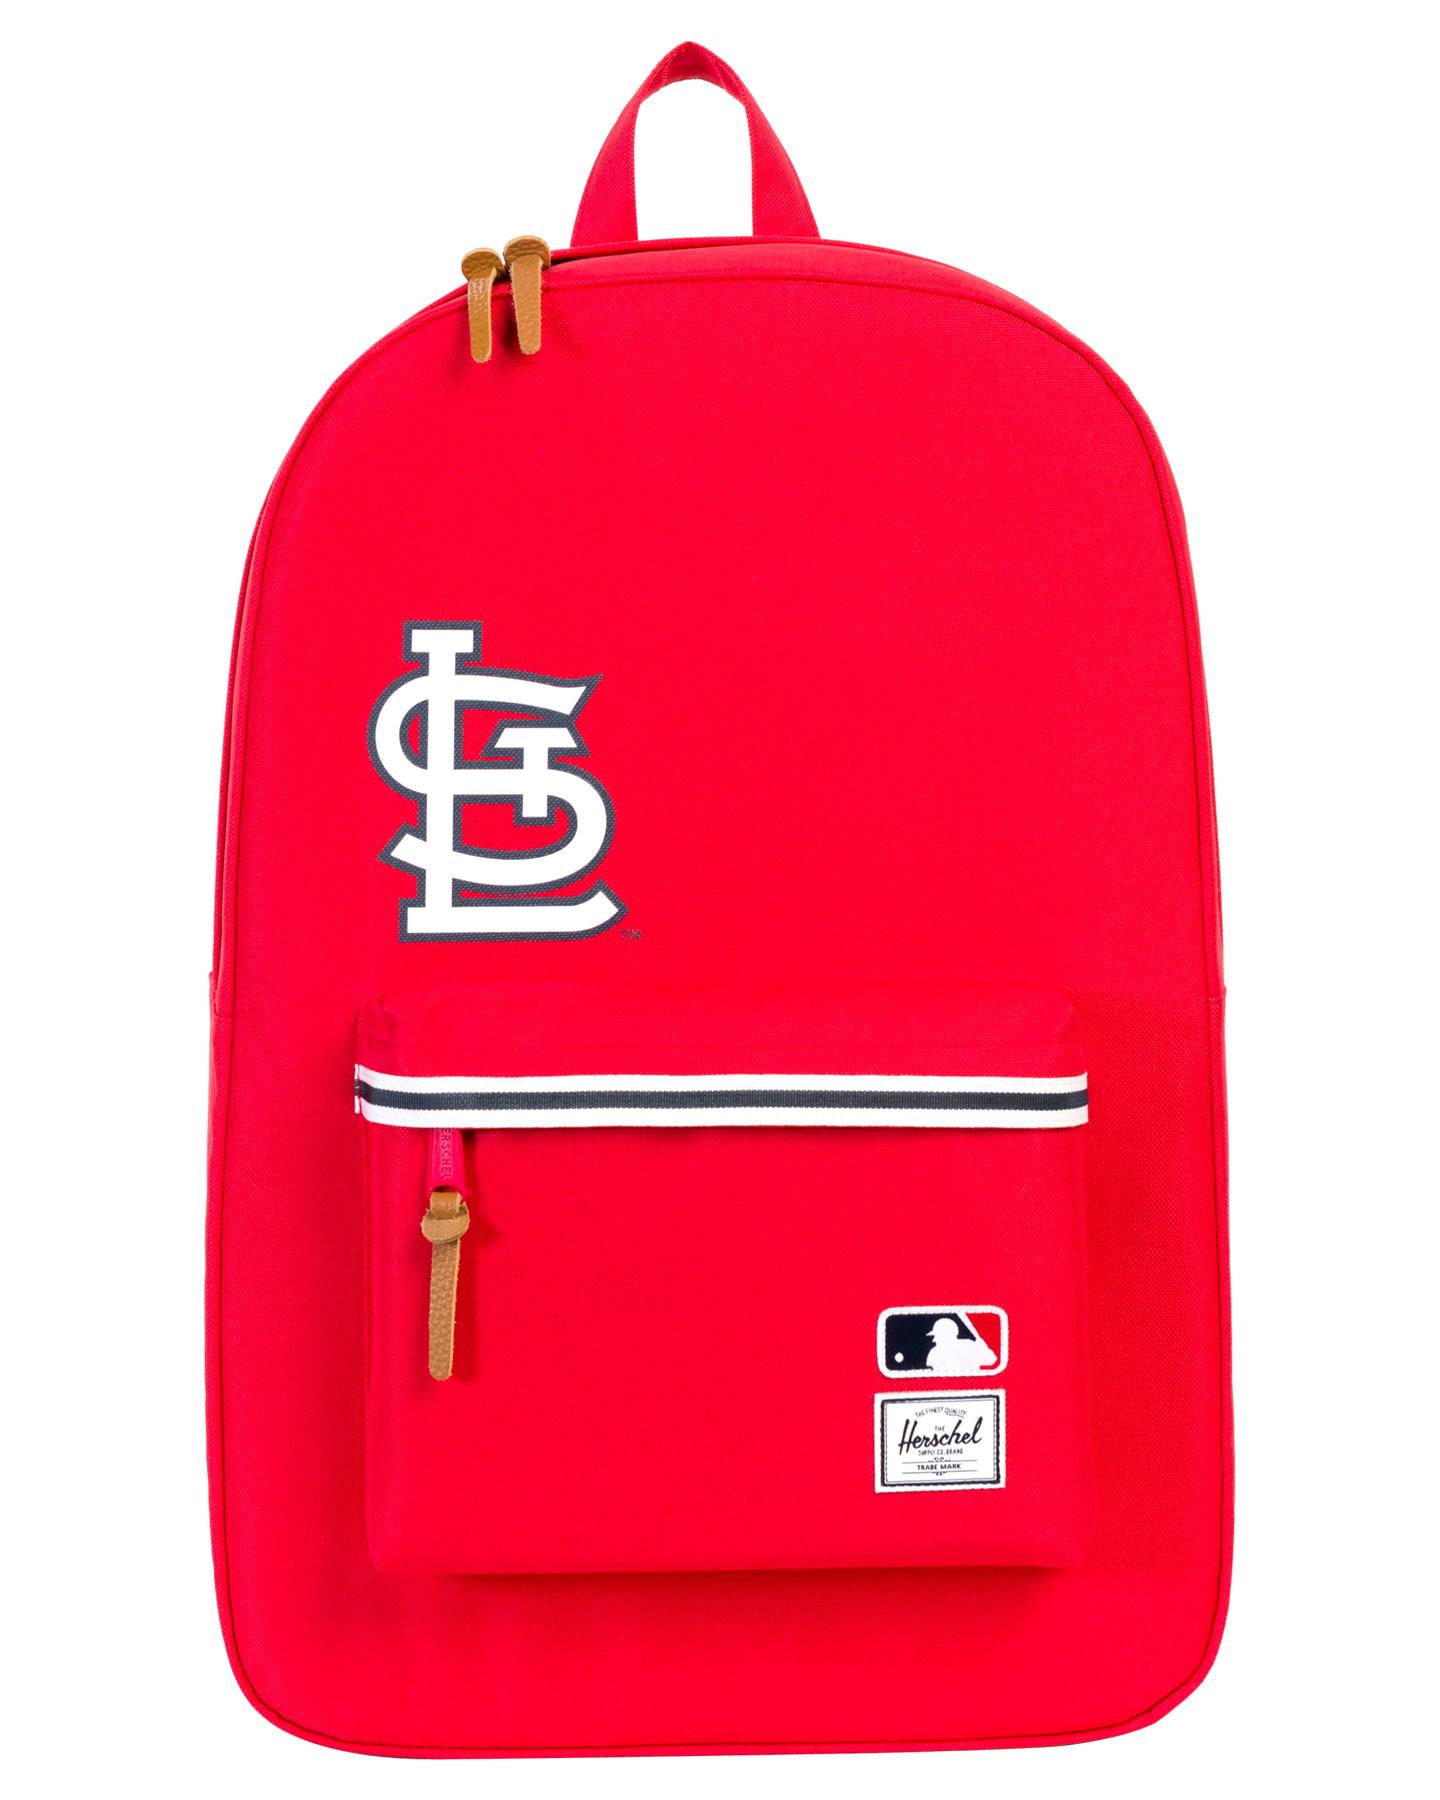 0d41a0a985 Herschel Supply Co Men s Heritage Cardinals 21L Backpack Pu Blue ...